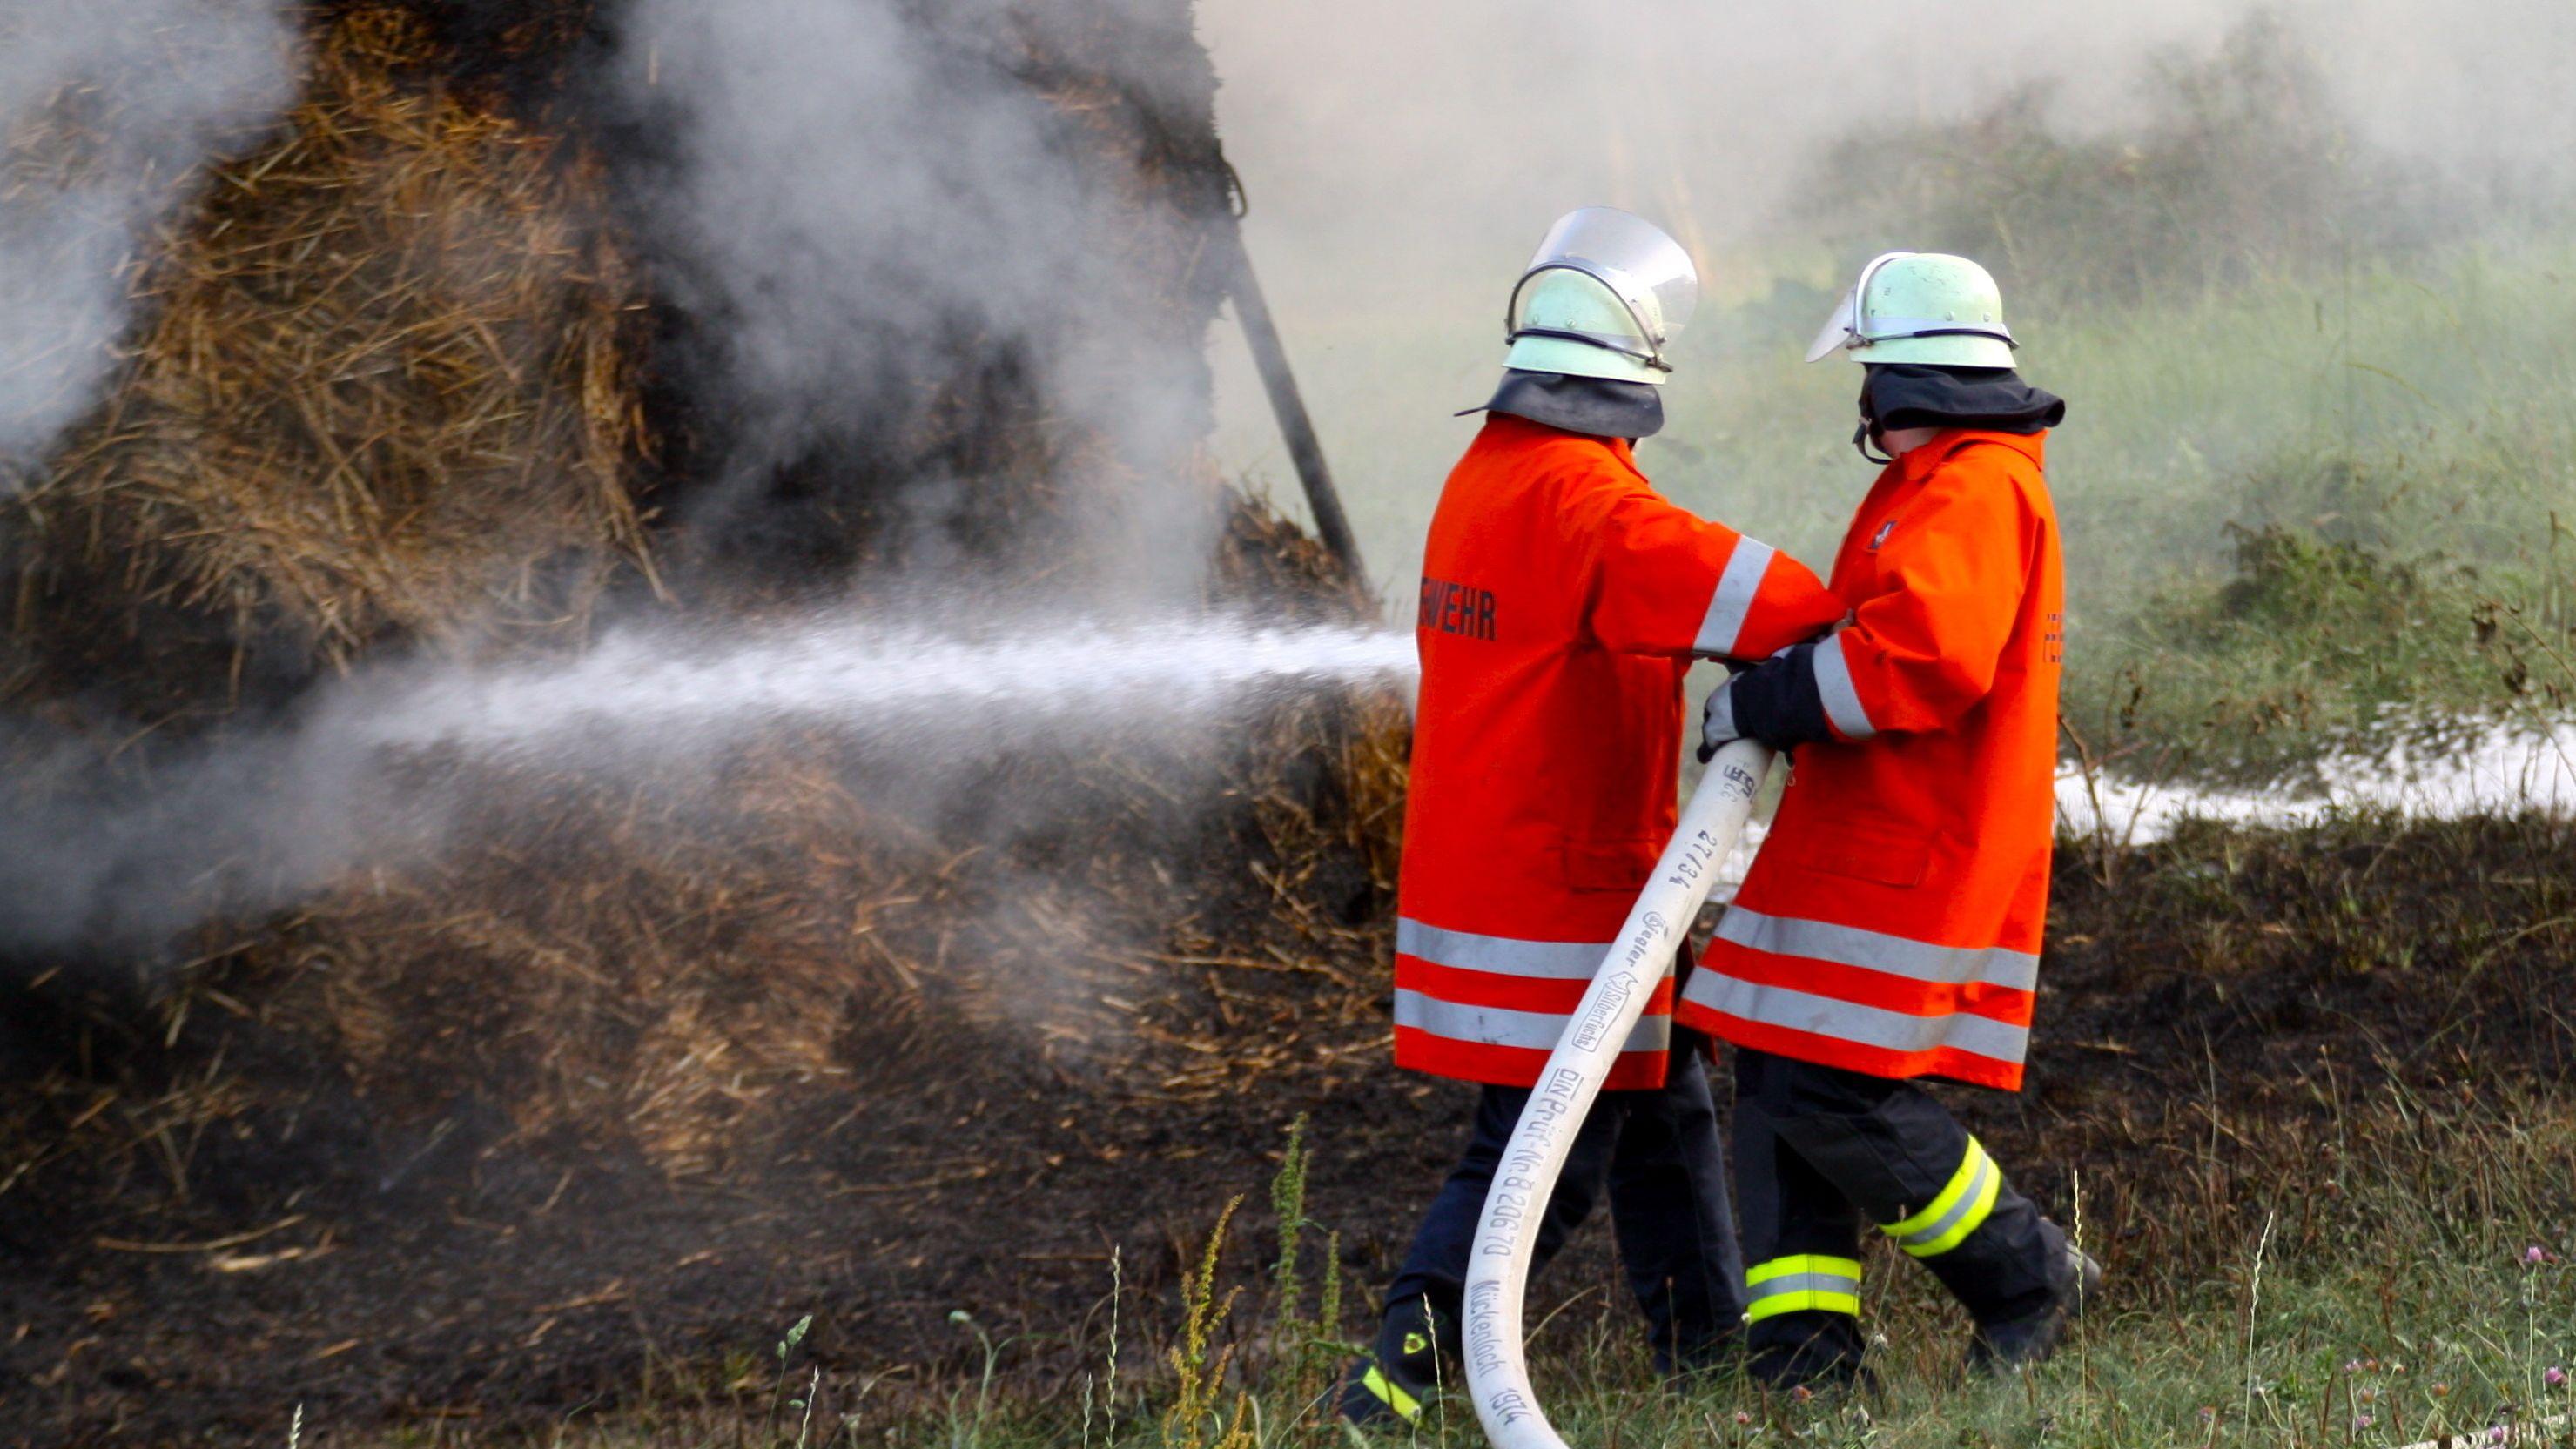 Feuerwehrmänner im Einsatz (Symbolbild).